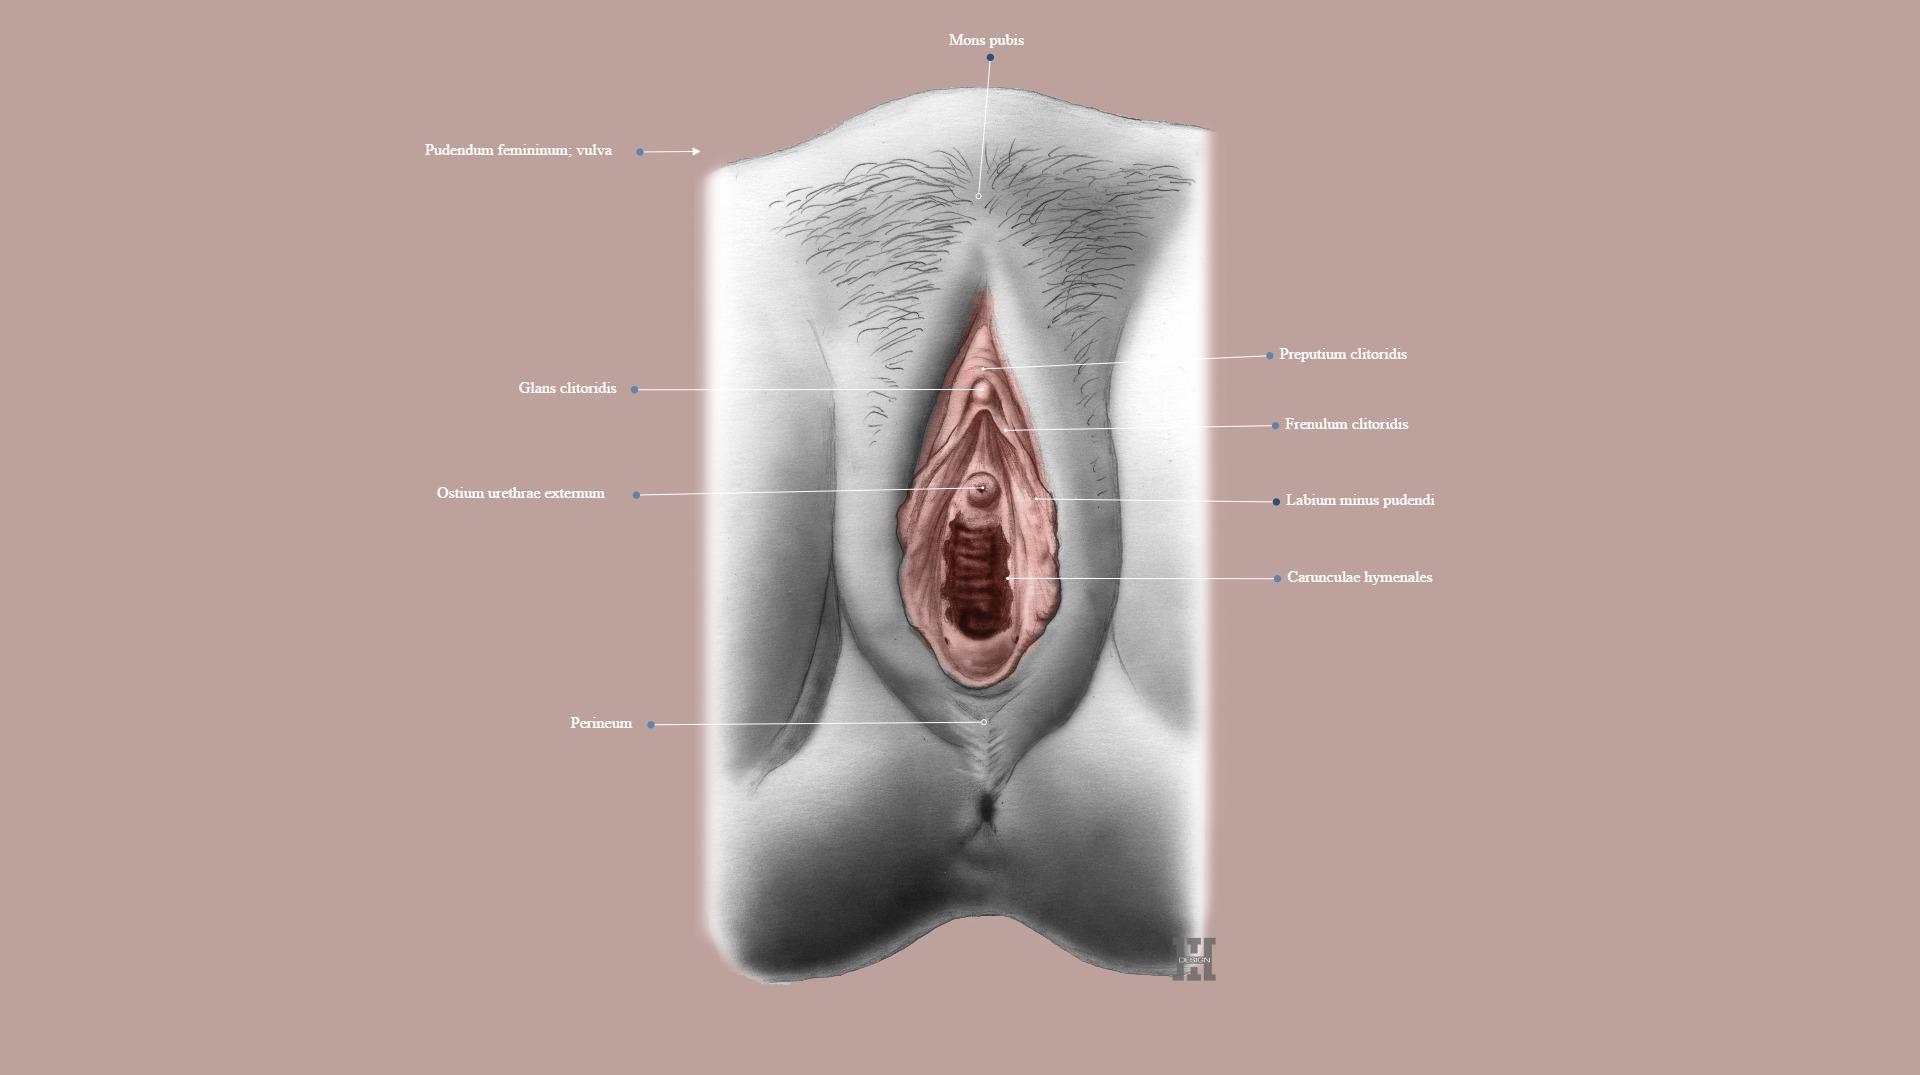 frenulum clitoridis